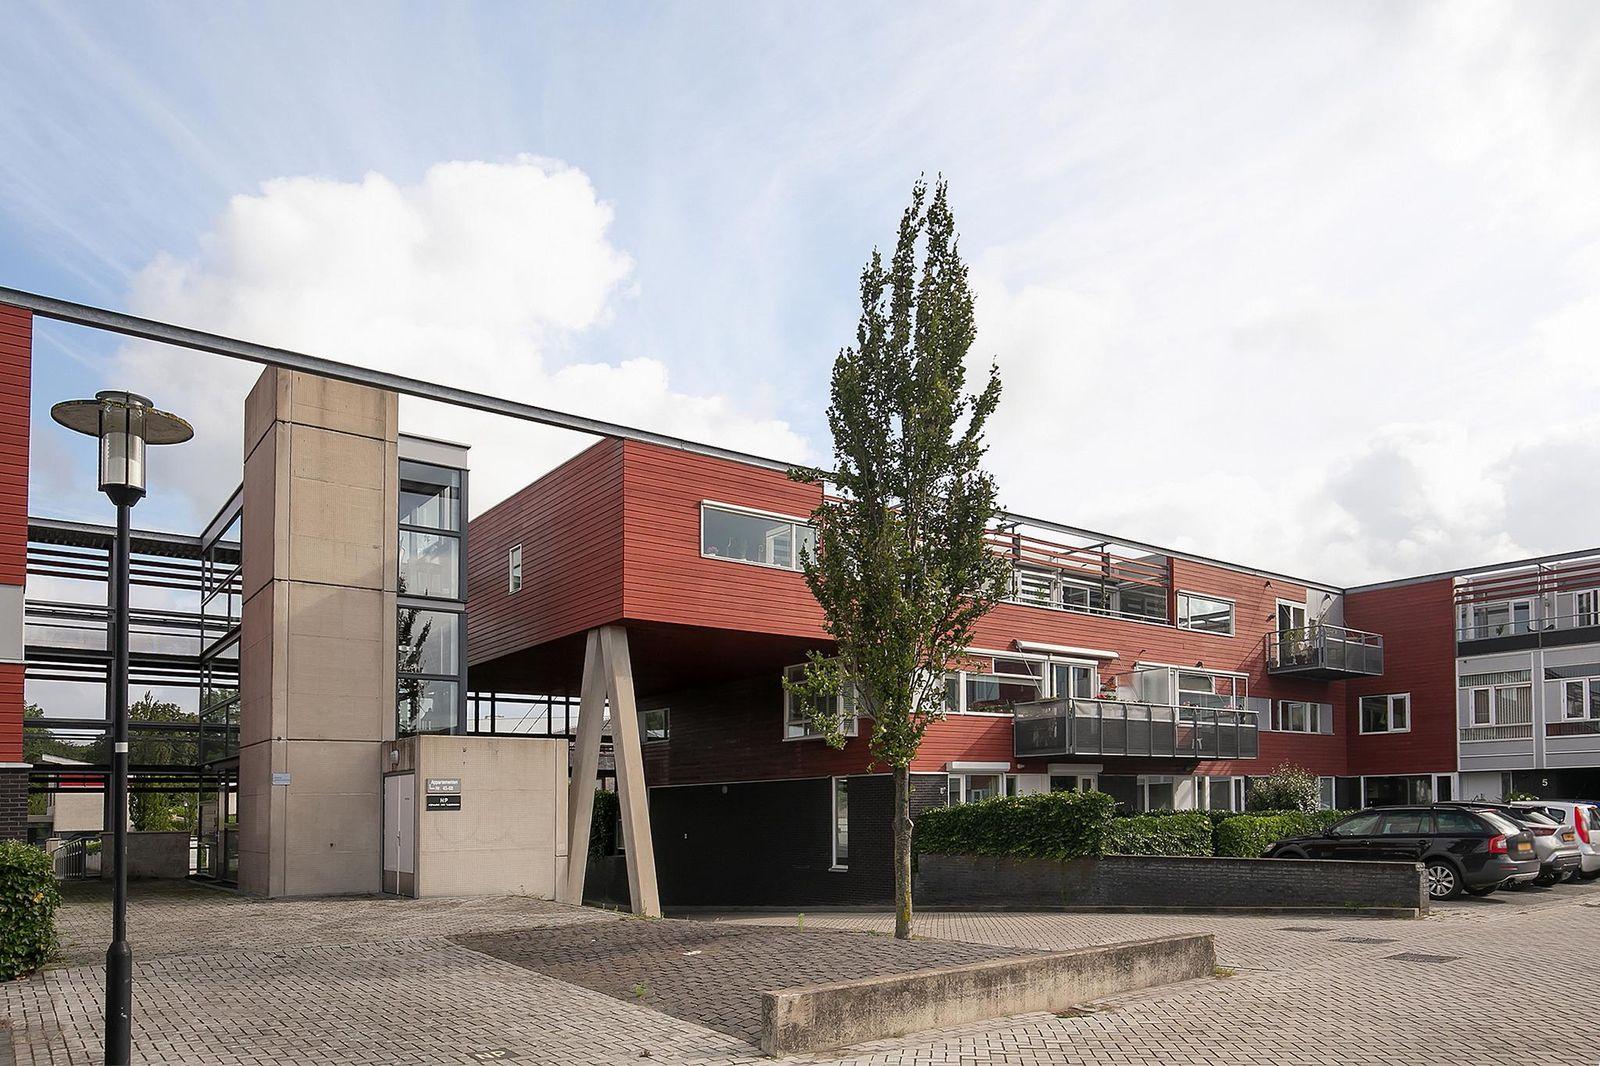 Vinkenhof 48, Middelburg